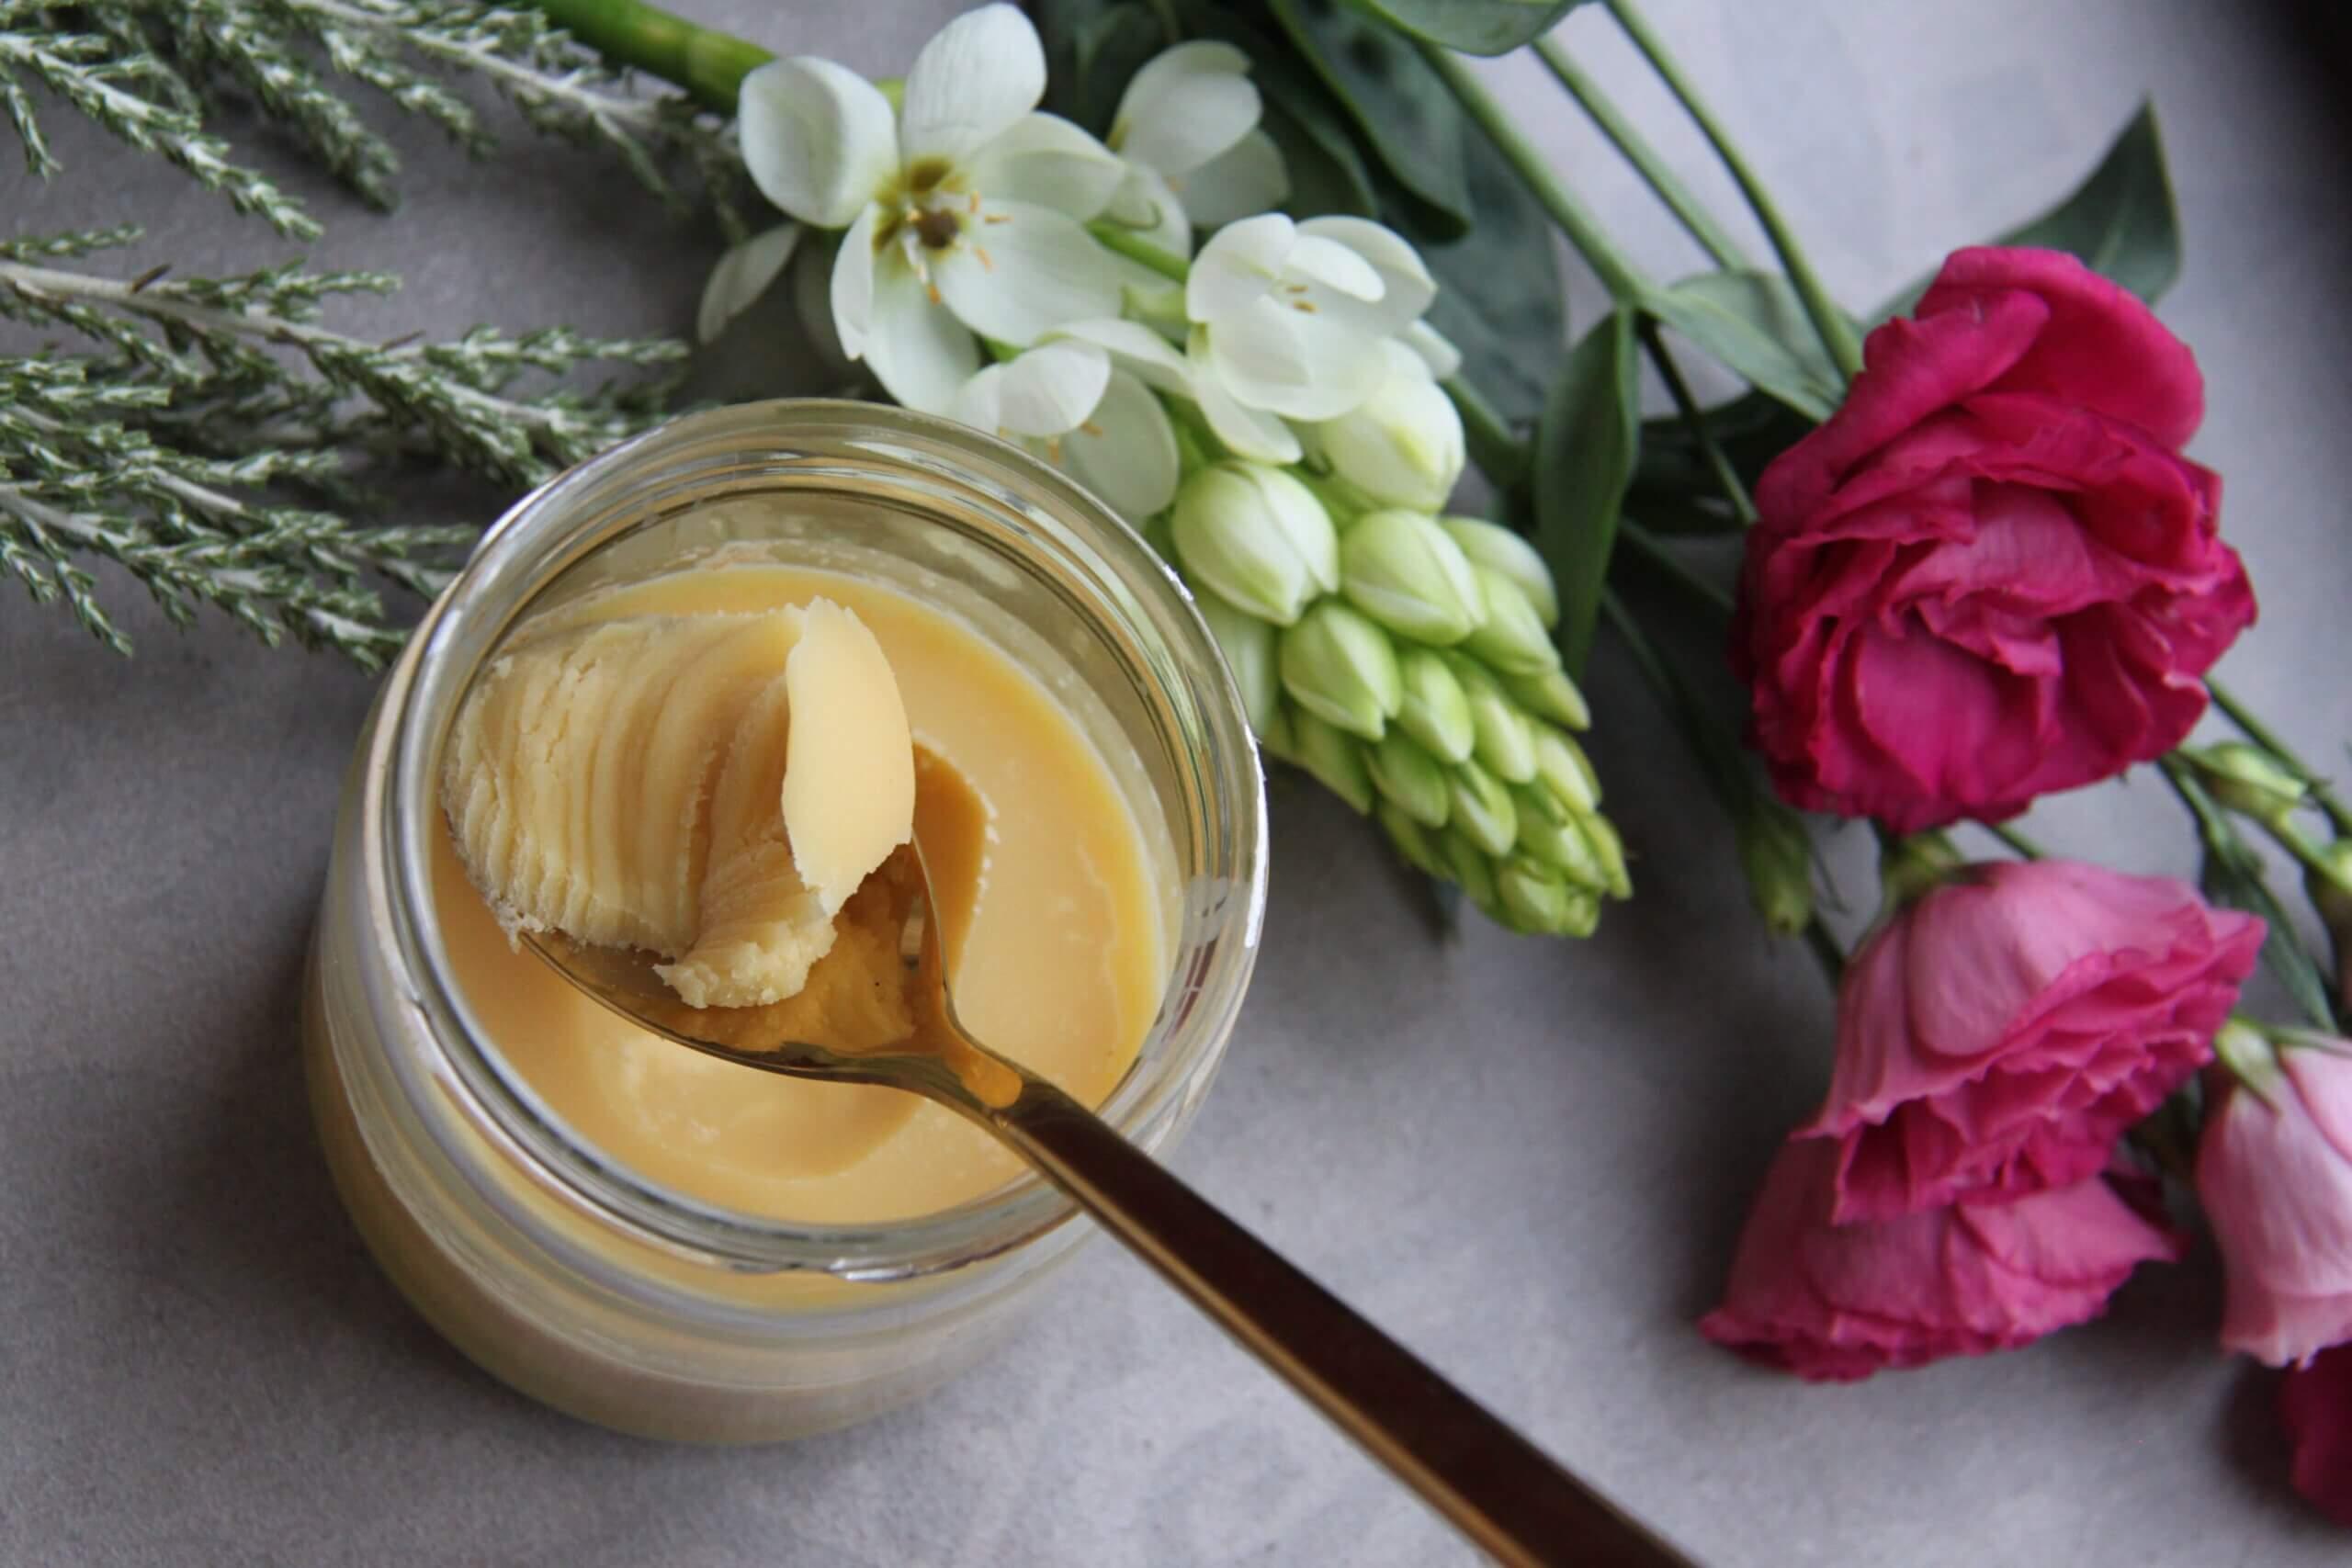 Как выбрать настоящее сливочное масло: в пачке и на развес